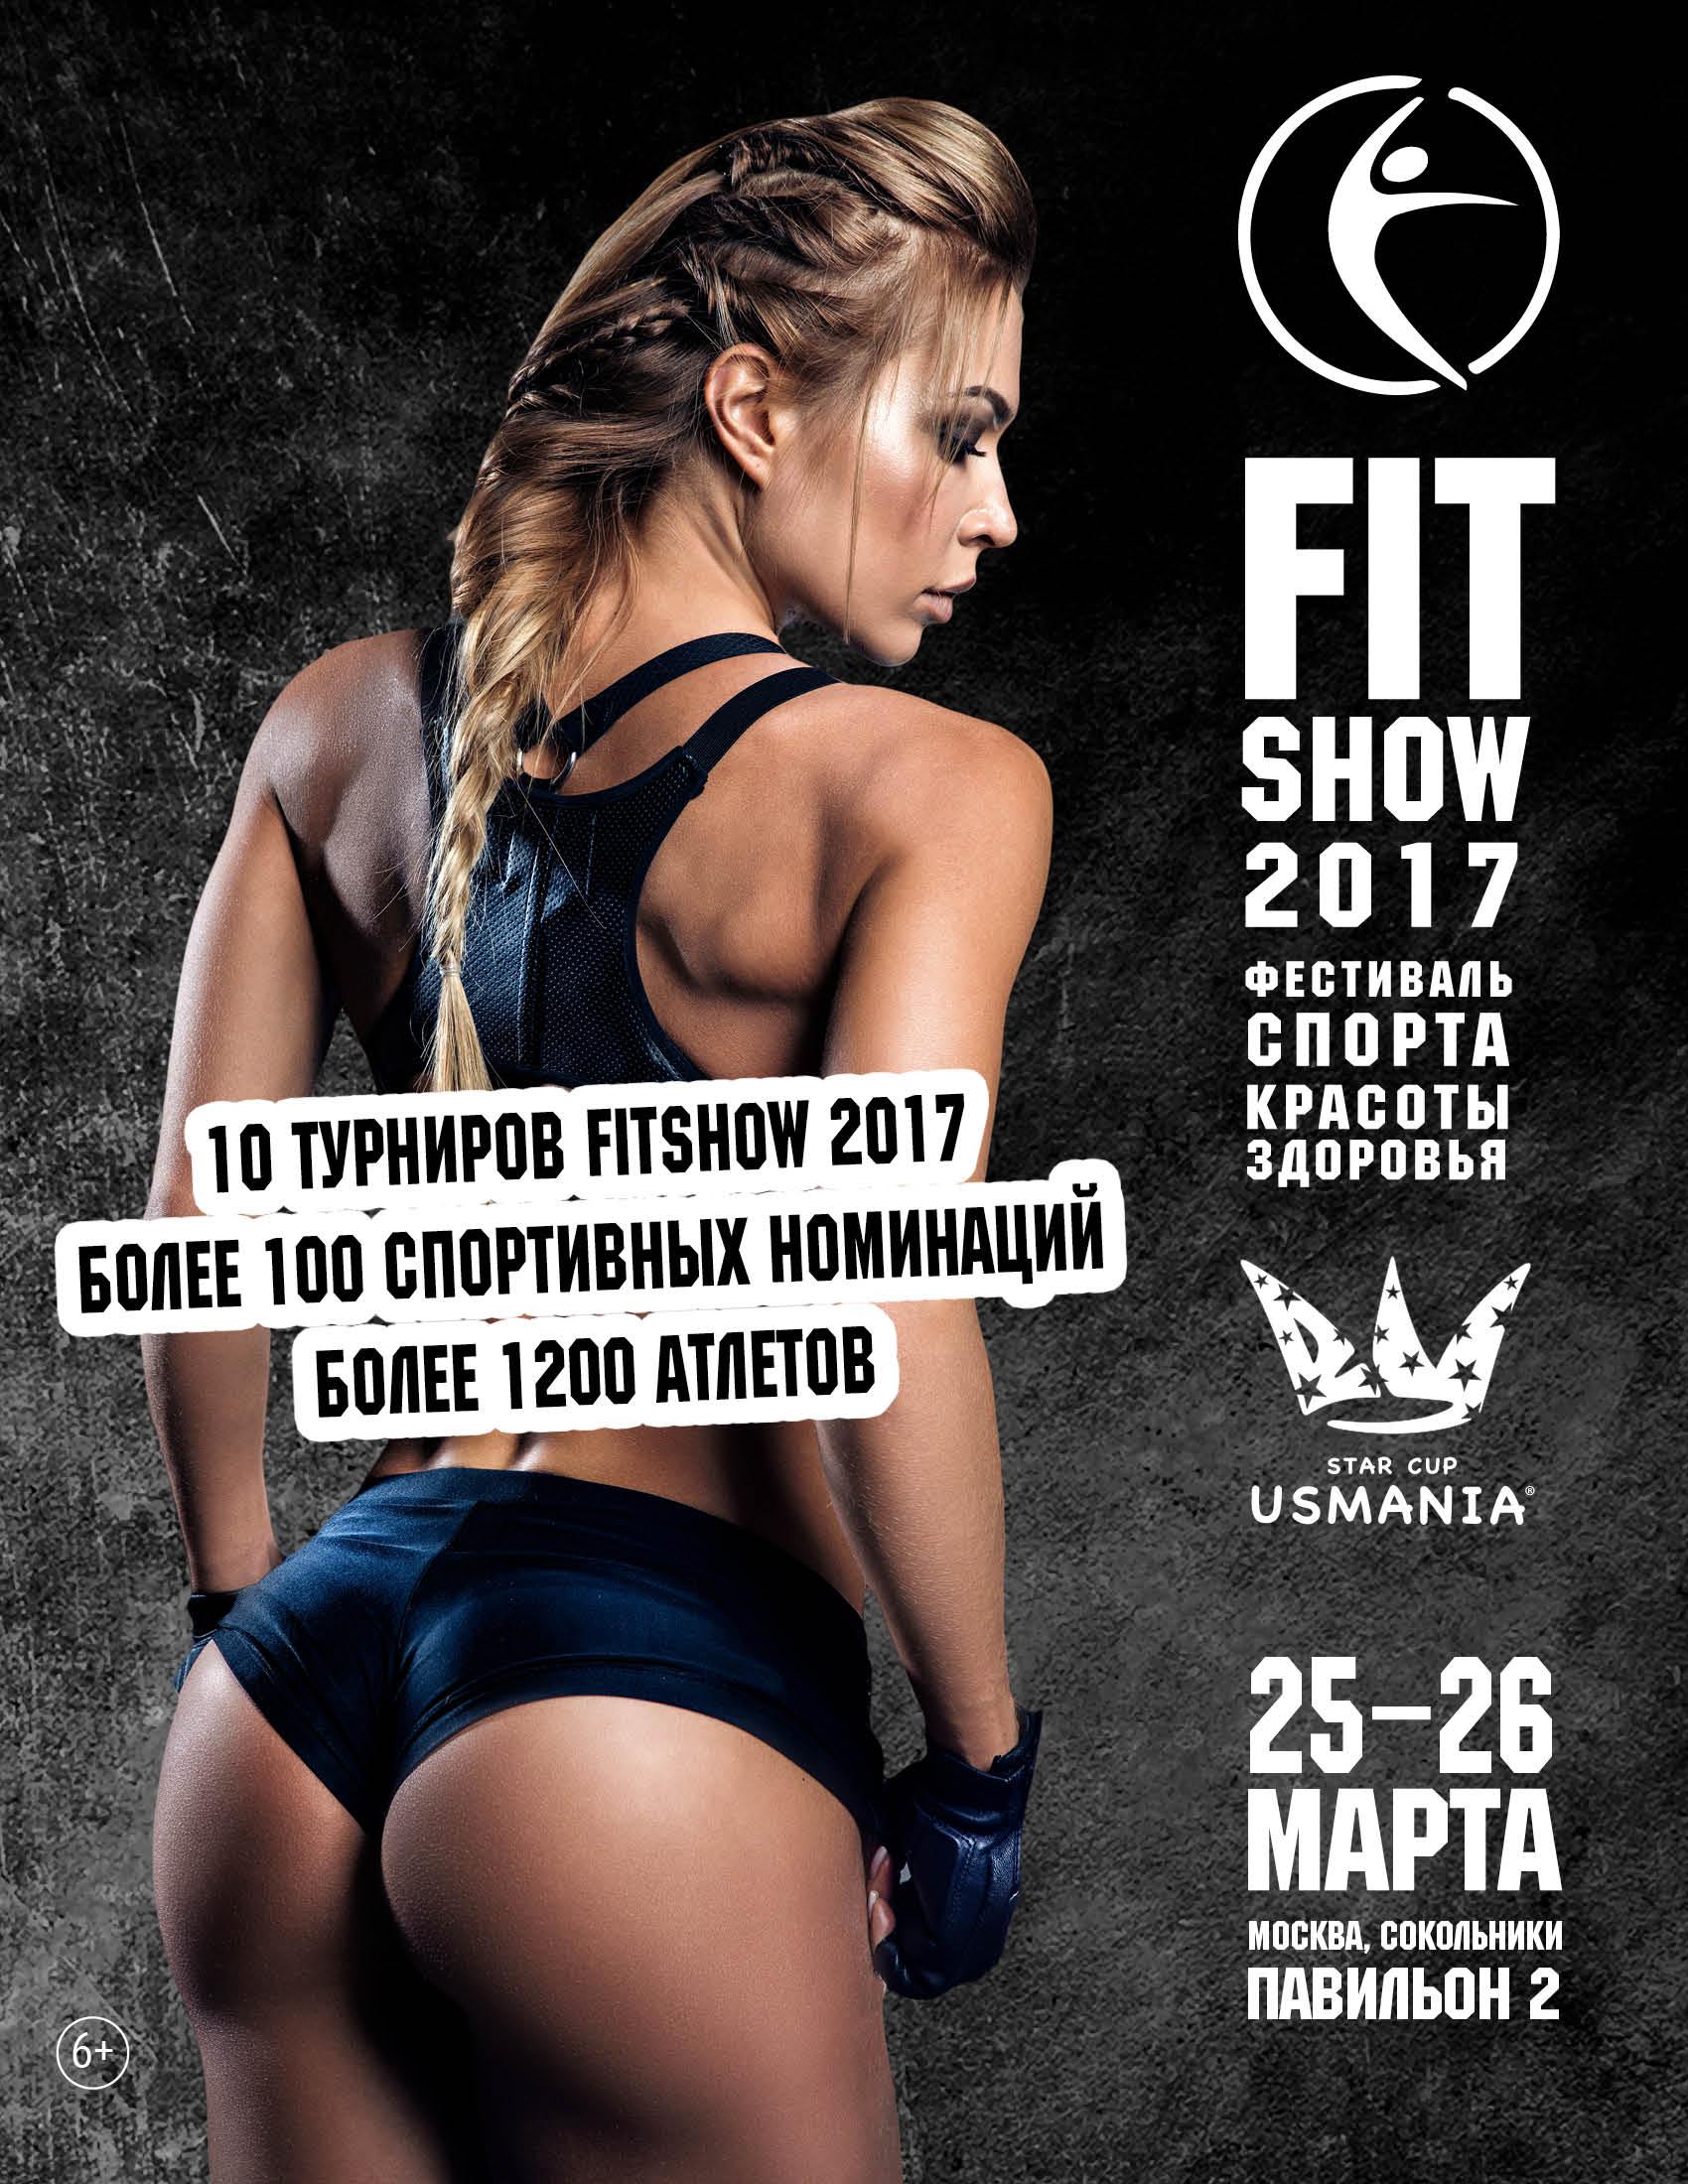 Звезды спорта и шоу-бизнеса о фестивале FITSHOW 2017